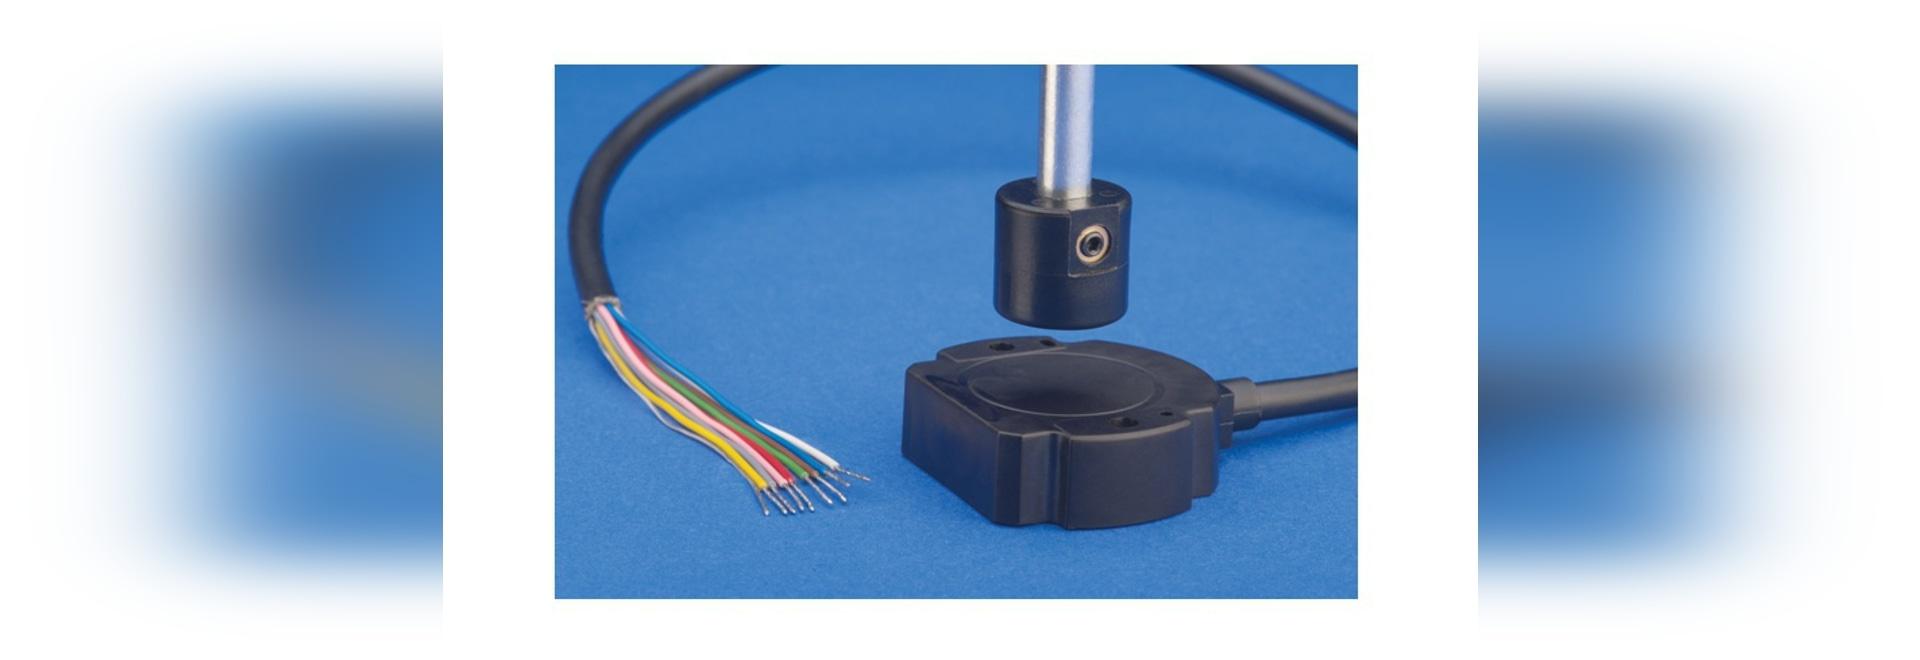 Touchless-Winkel-Sensoren für messende Winkelstellungen